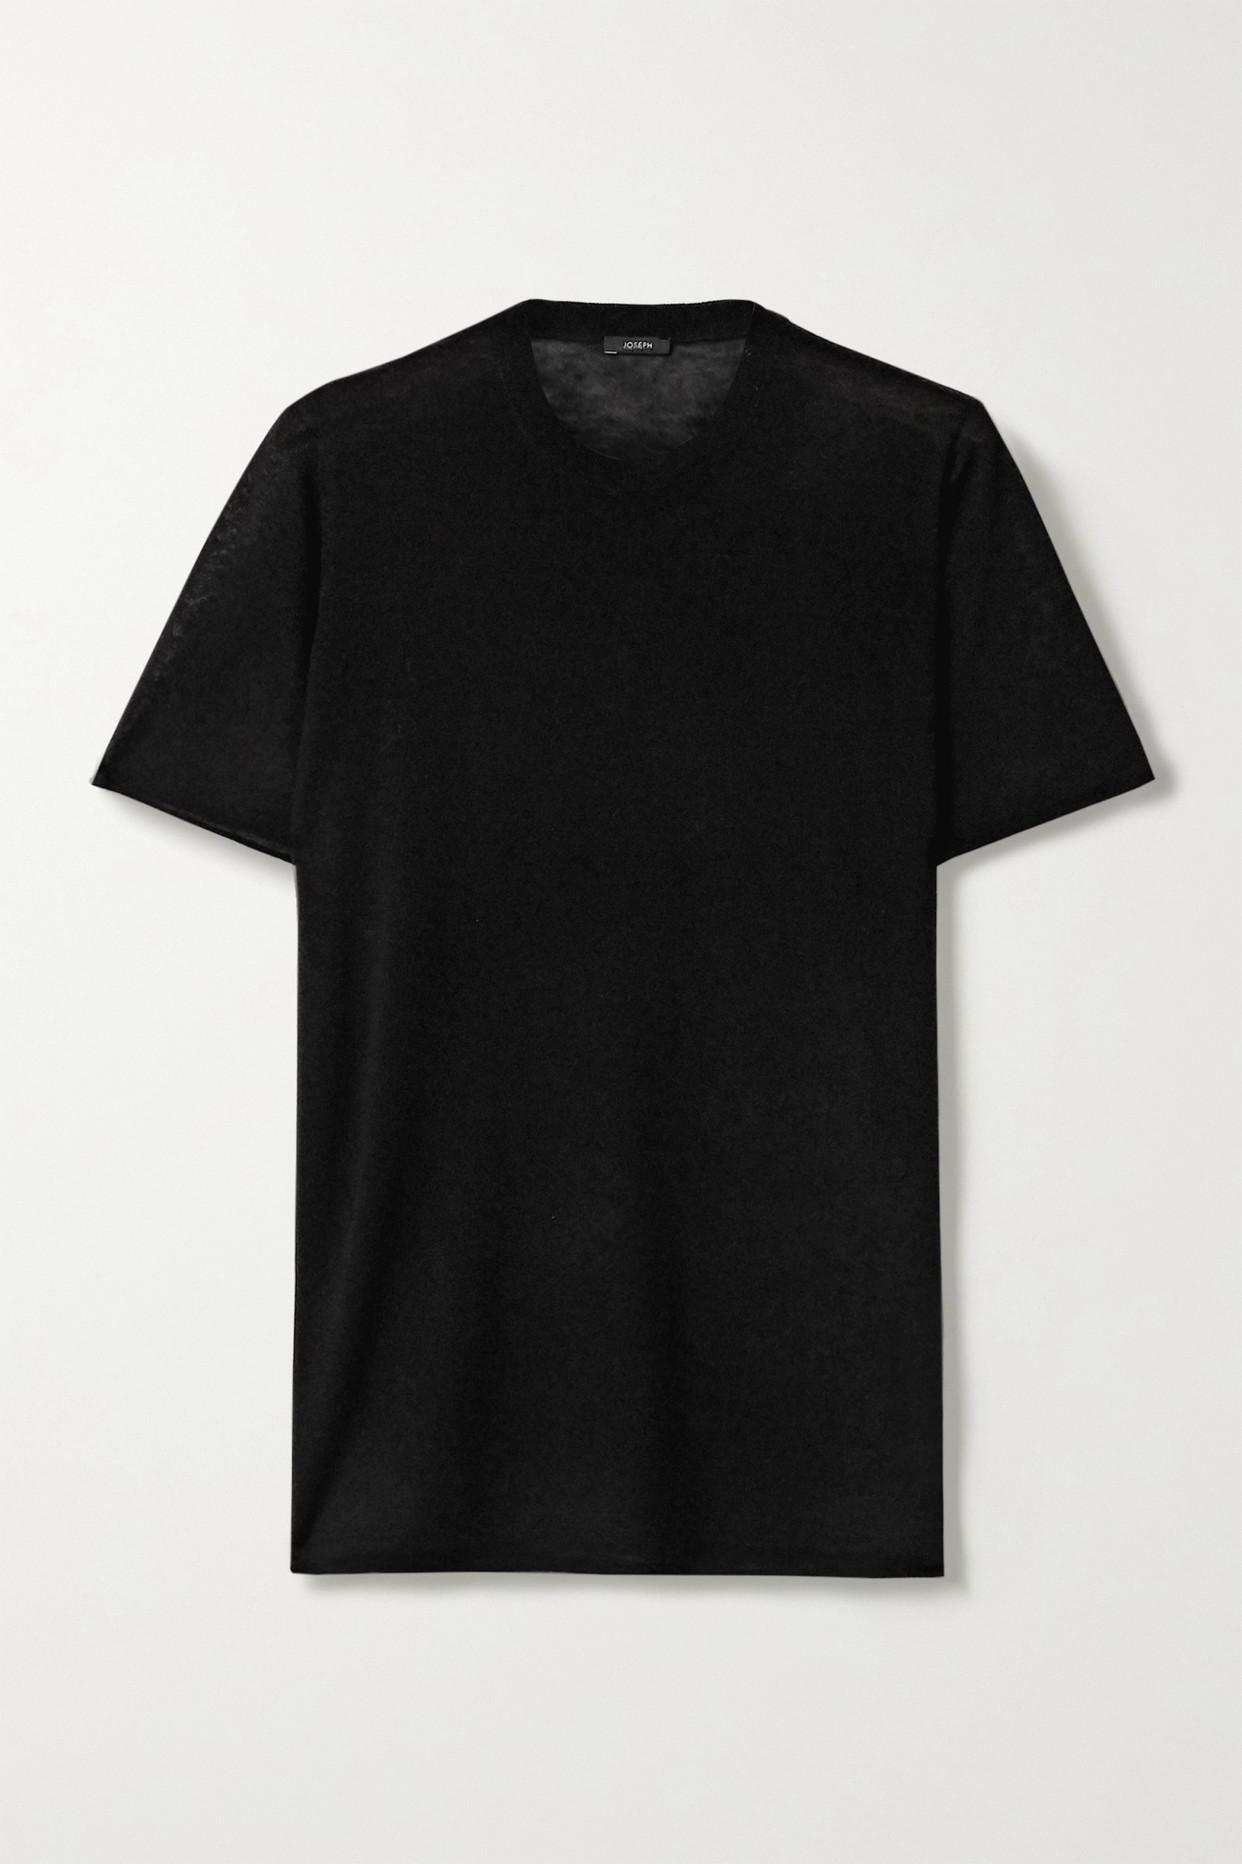 JOSEPH - Cashmere Sweater - Black - x small